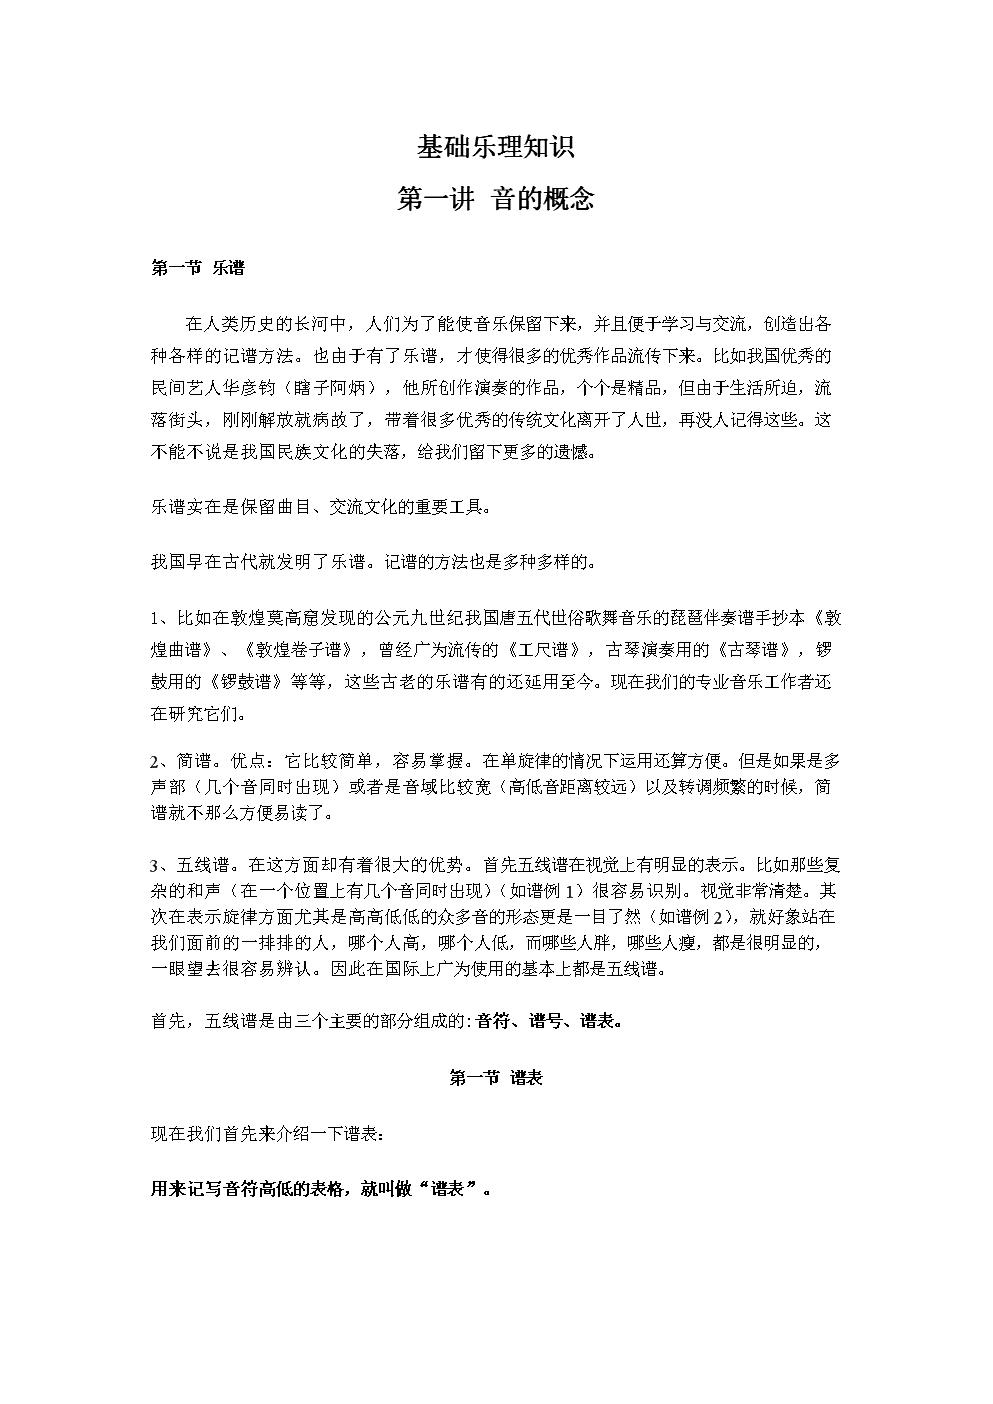 基础的乐理知识(适用于钢琴初学者).doc